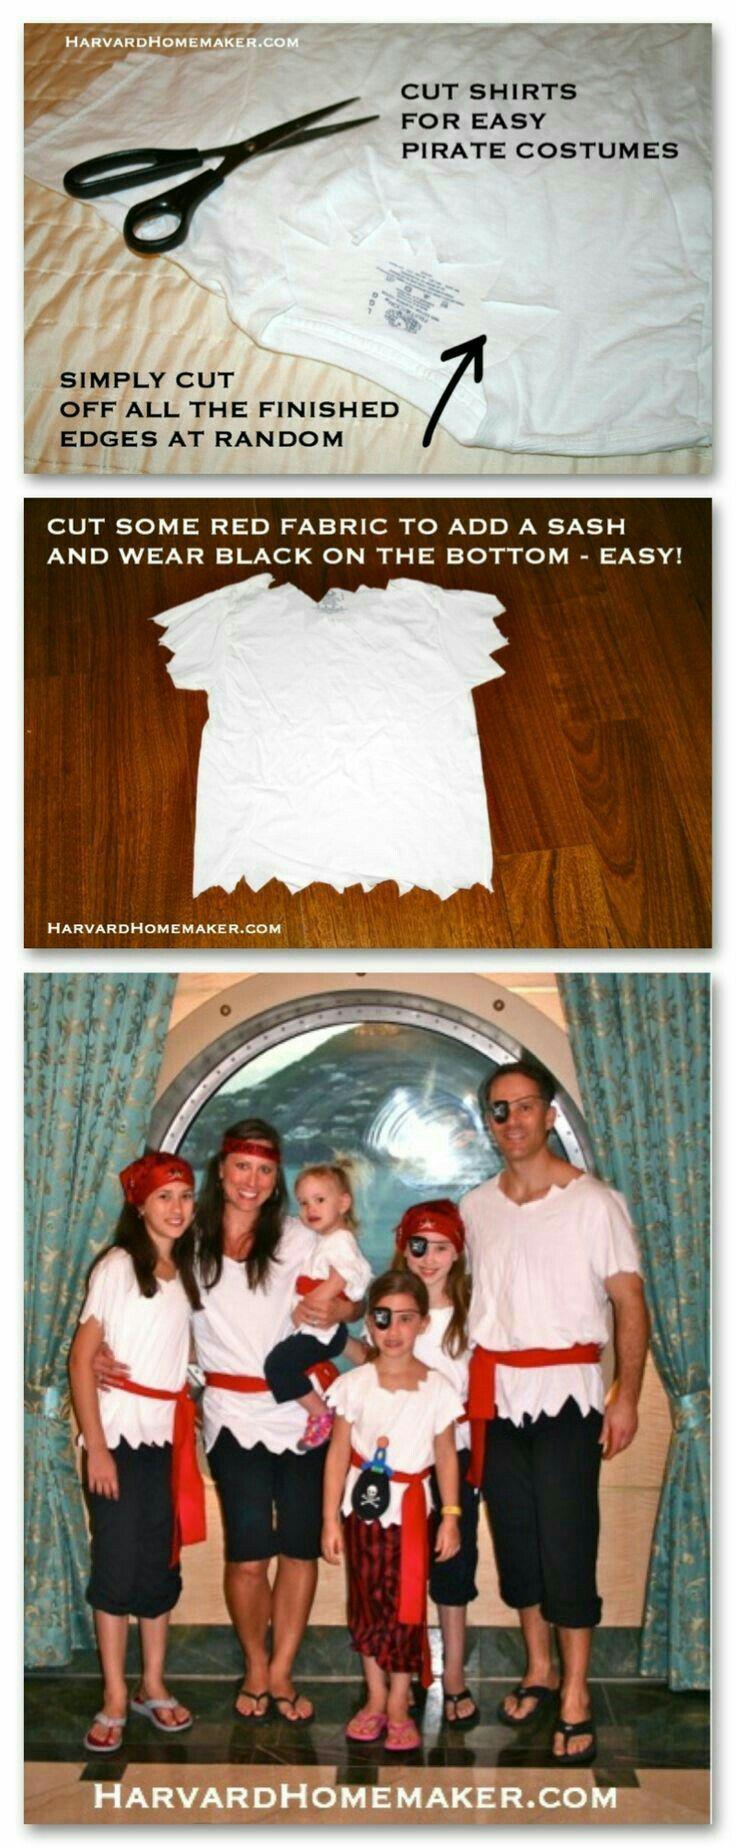 Pirate costume                                                                                                                                                                                 More